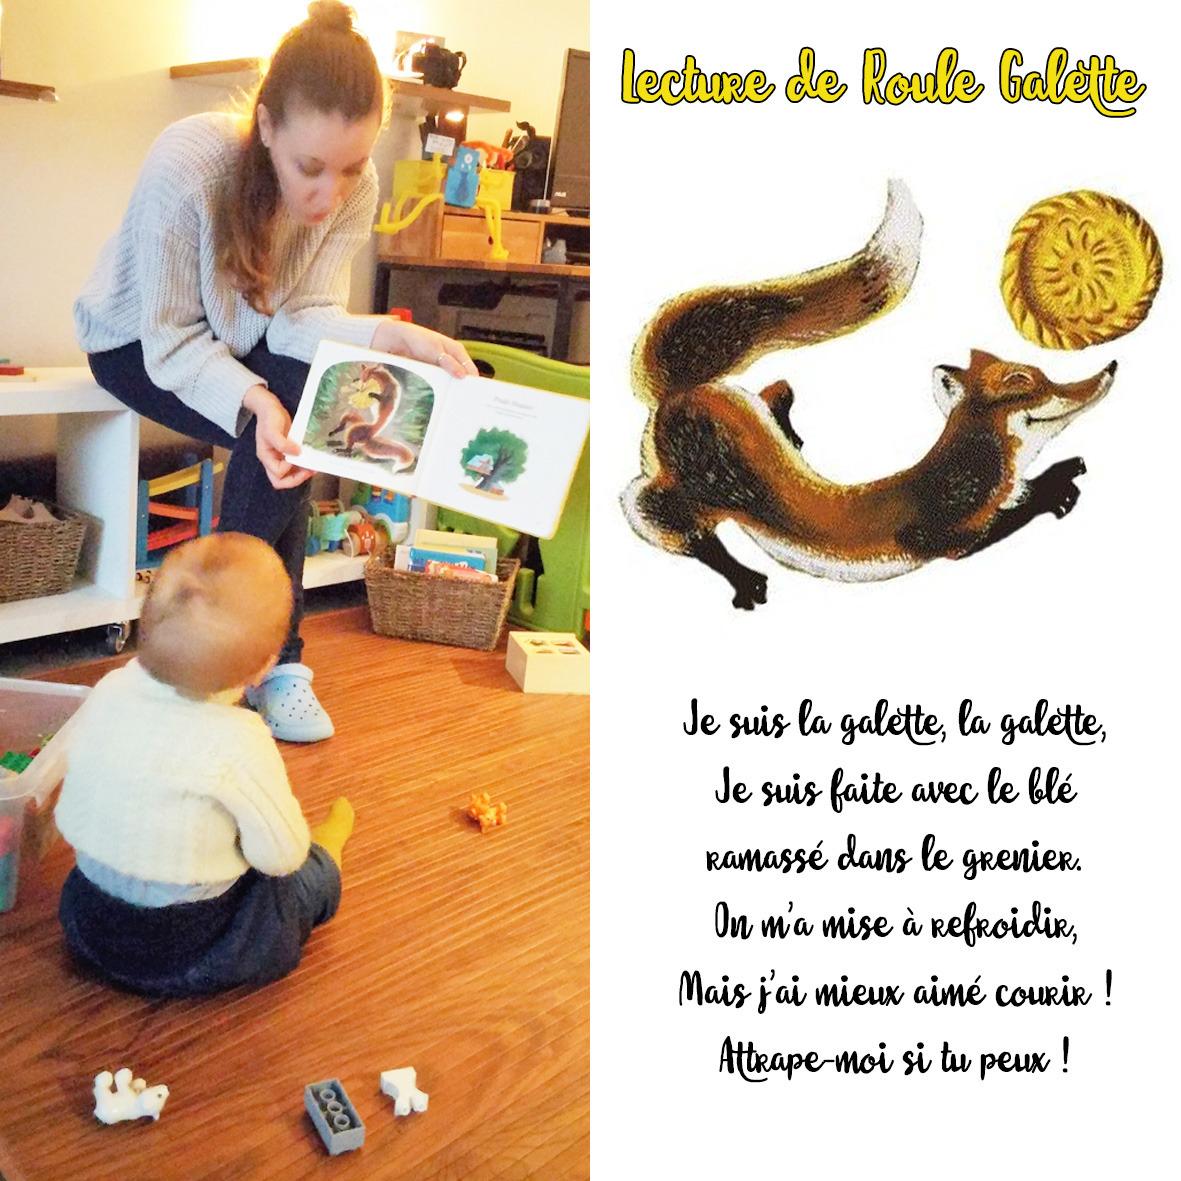 Livres - Roule Galette 🥮👑📚 - L'atelier Pomme D'happy serapportantà Histoire Roule Galette